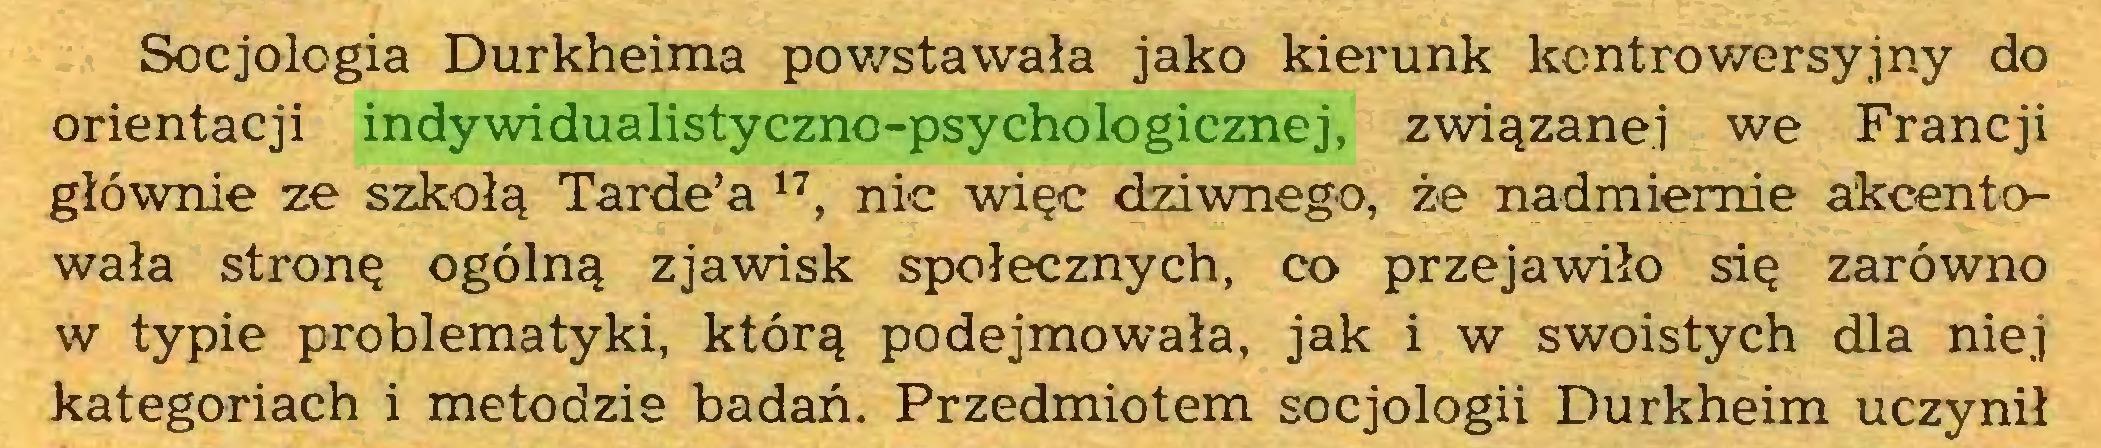 (...) Socjologia Durkheima powstawała jako kierunk kontrowersyjny do orientacji indywidualistyczno-psychologicznej, związanej we Francji głównie ze szkołą Tarde'a 17, nic więc dziwnego, że nadmiernie akcentowała stronę ogólną zjawisk społecznych, co przejawiło się zarówno w typie problematyki, którą podejmowała, jak i w swoistych dla niej kategoriach i metodzie badań. Przedmiotem socjologii Durkheim uczynił...